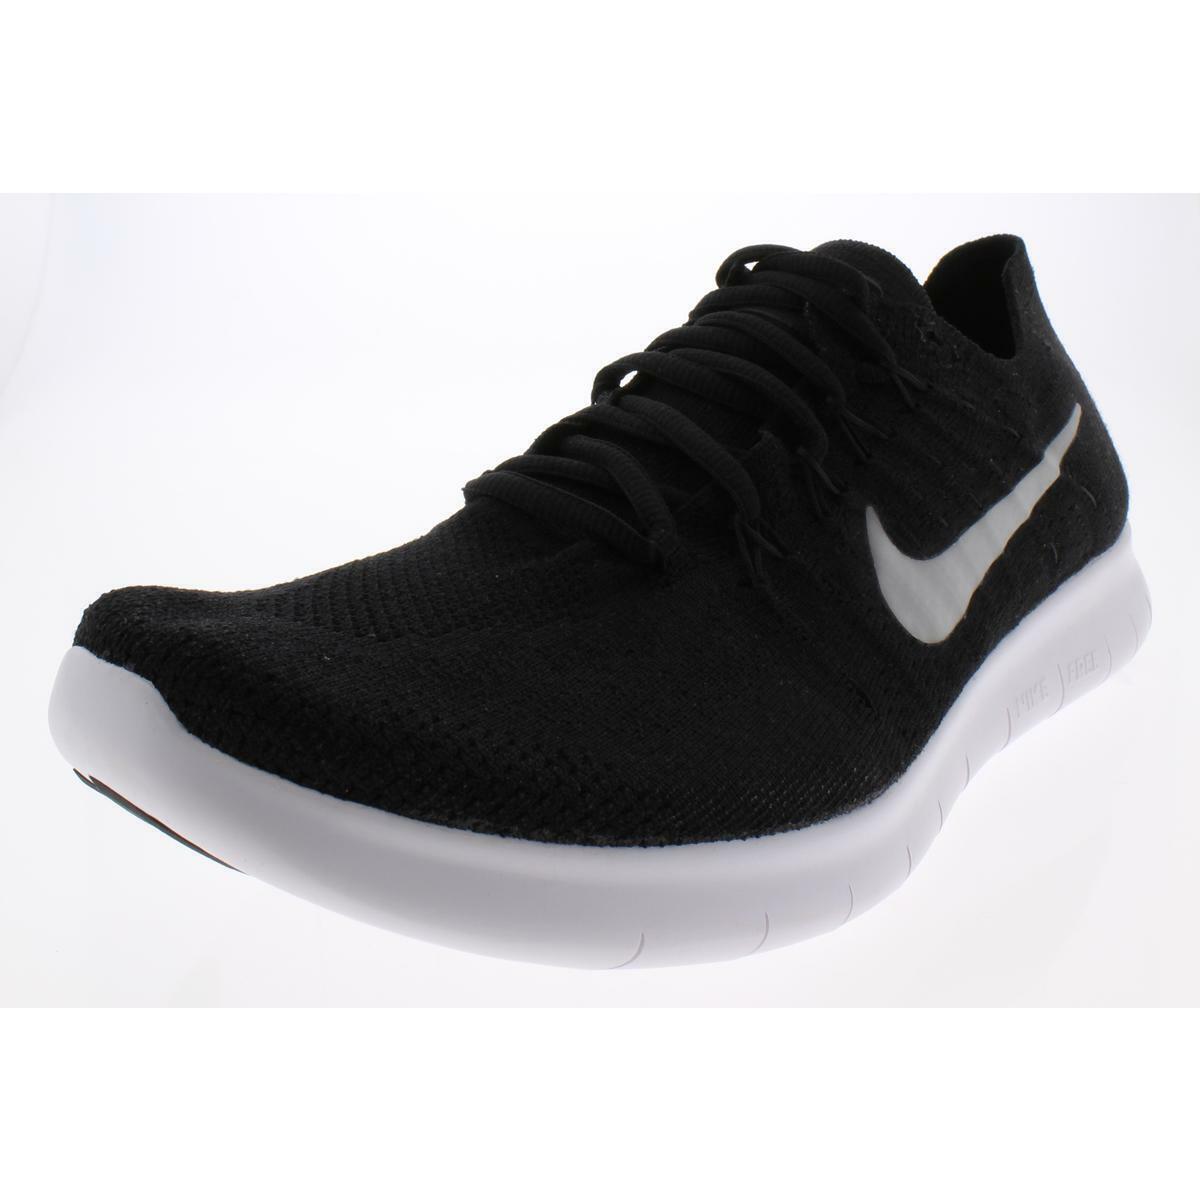 Nike Hombres Para Free Flyknit Correr Entrenamiento Atlético rn Zapatos Tenis BHFO 4351